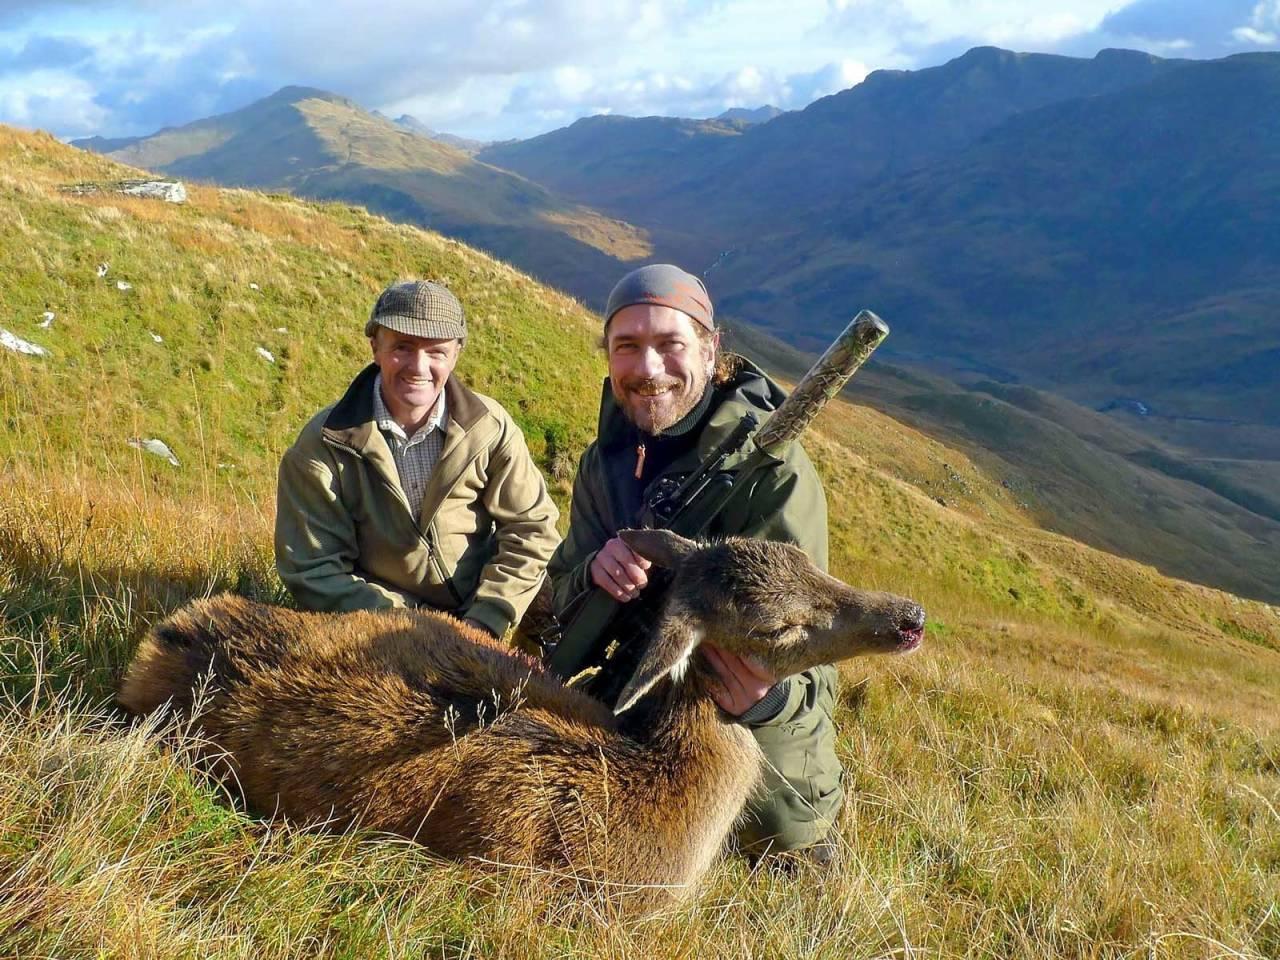 hjortejakt, Skottland, Åsgeir Størdal